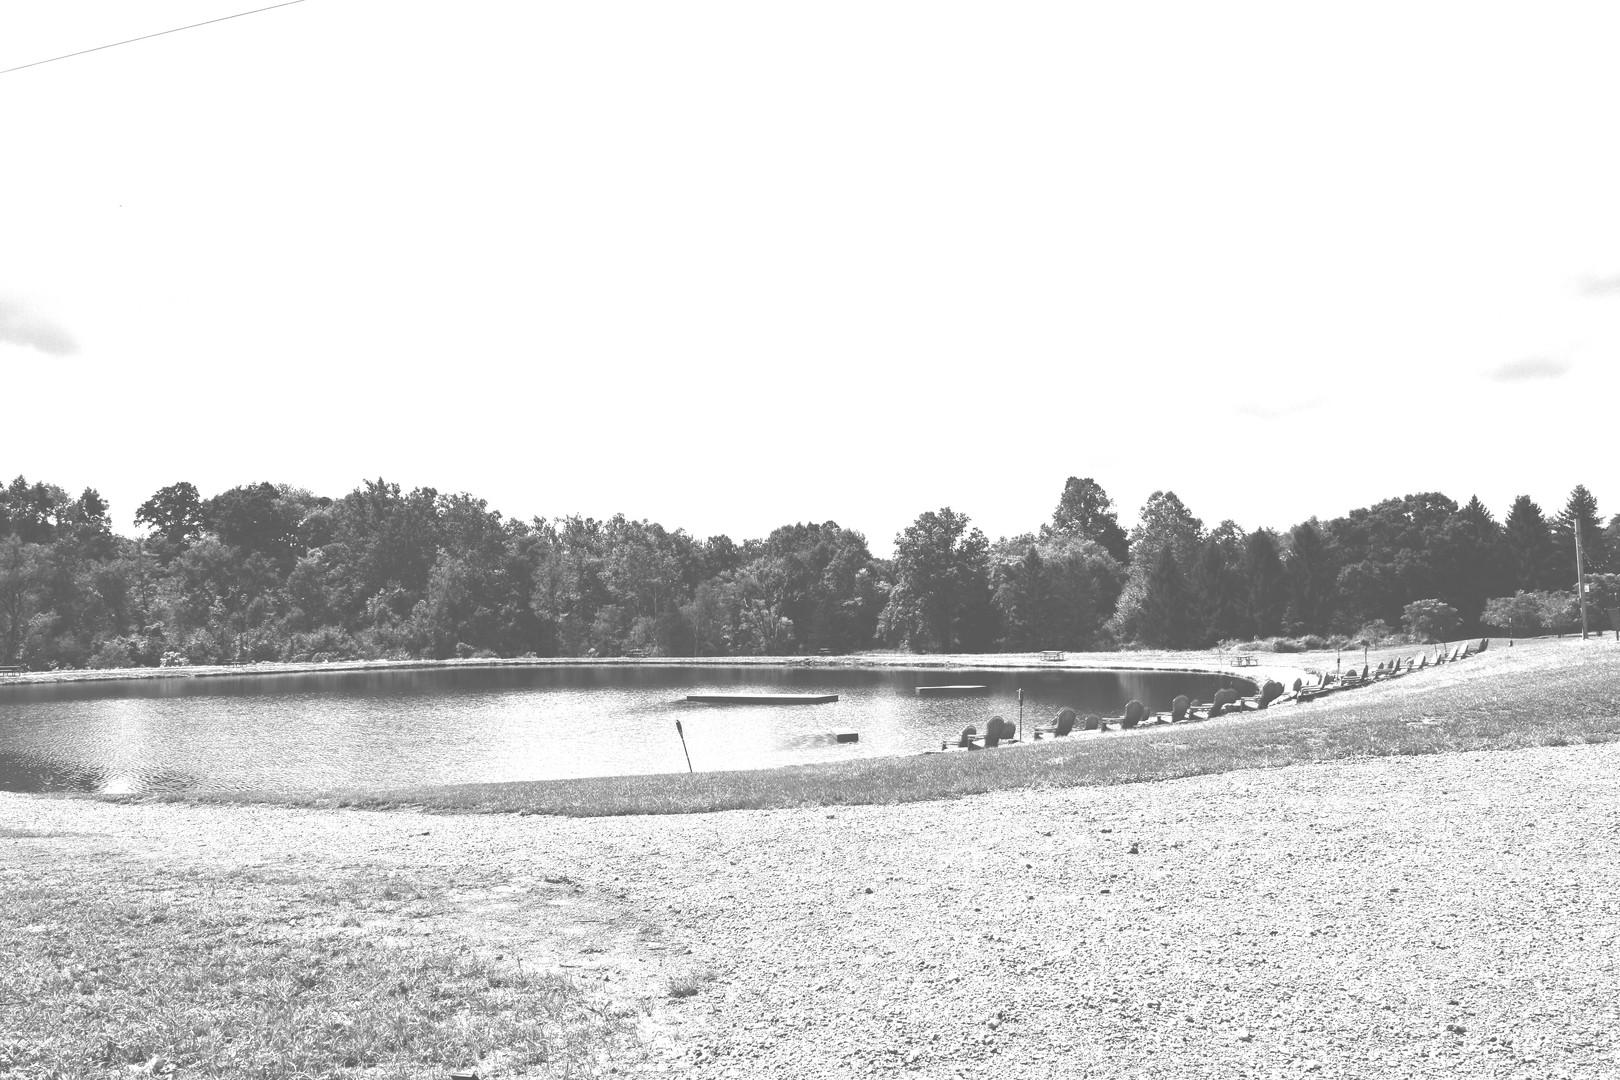 bw lake pic.jpg